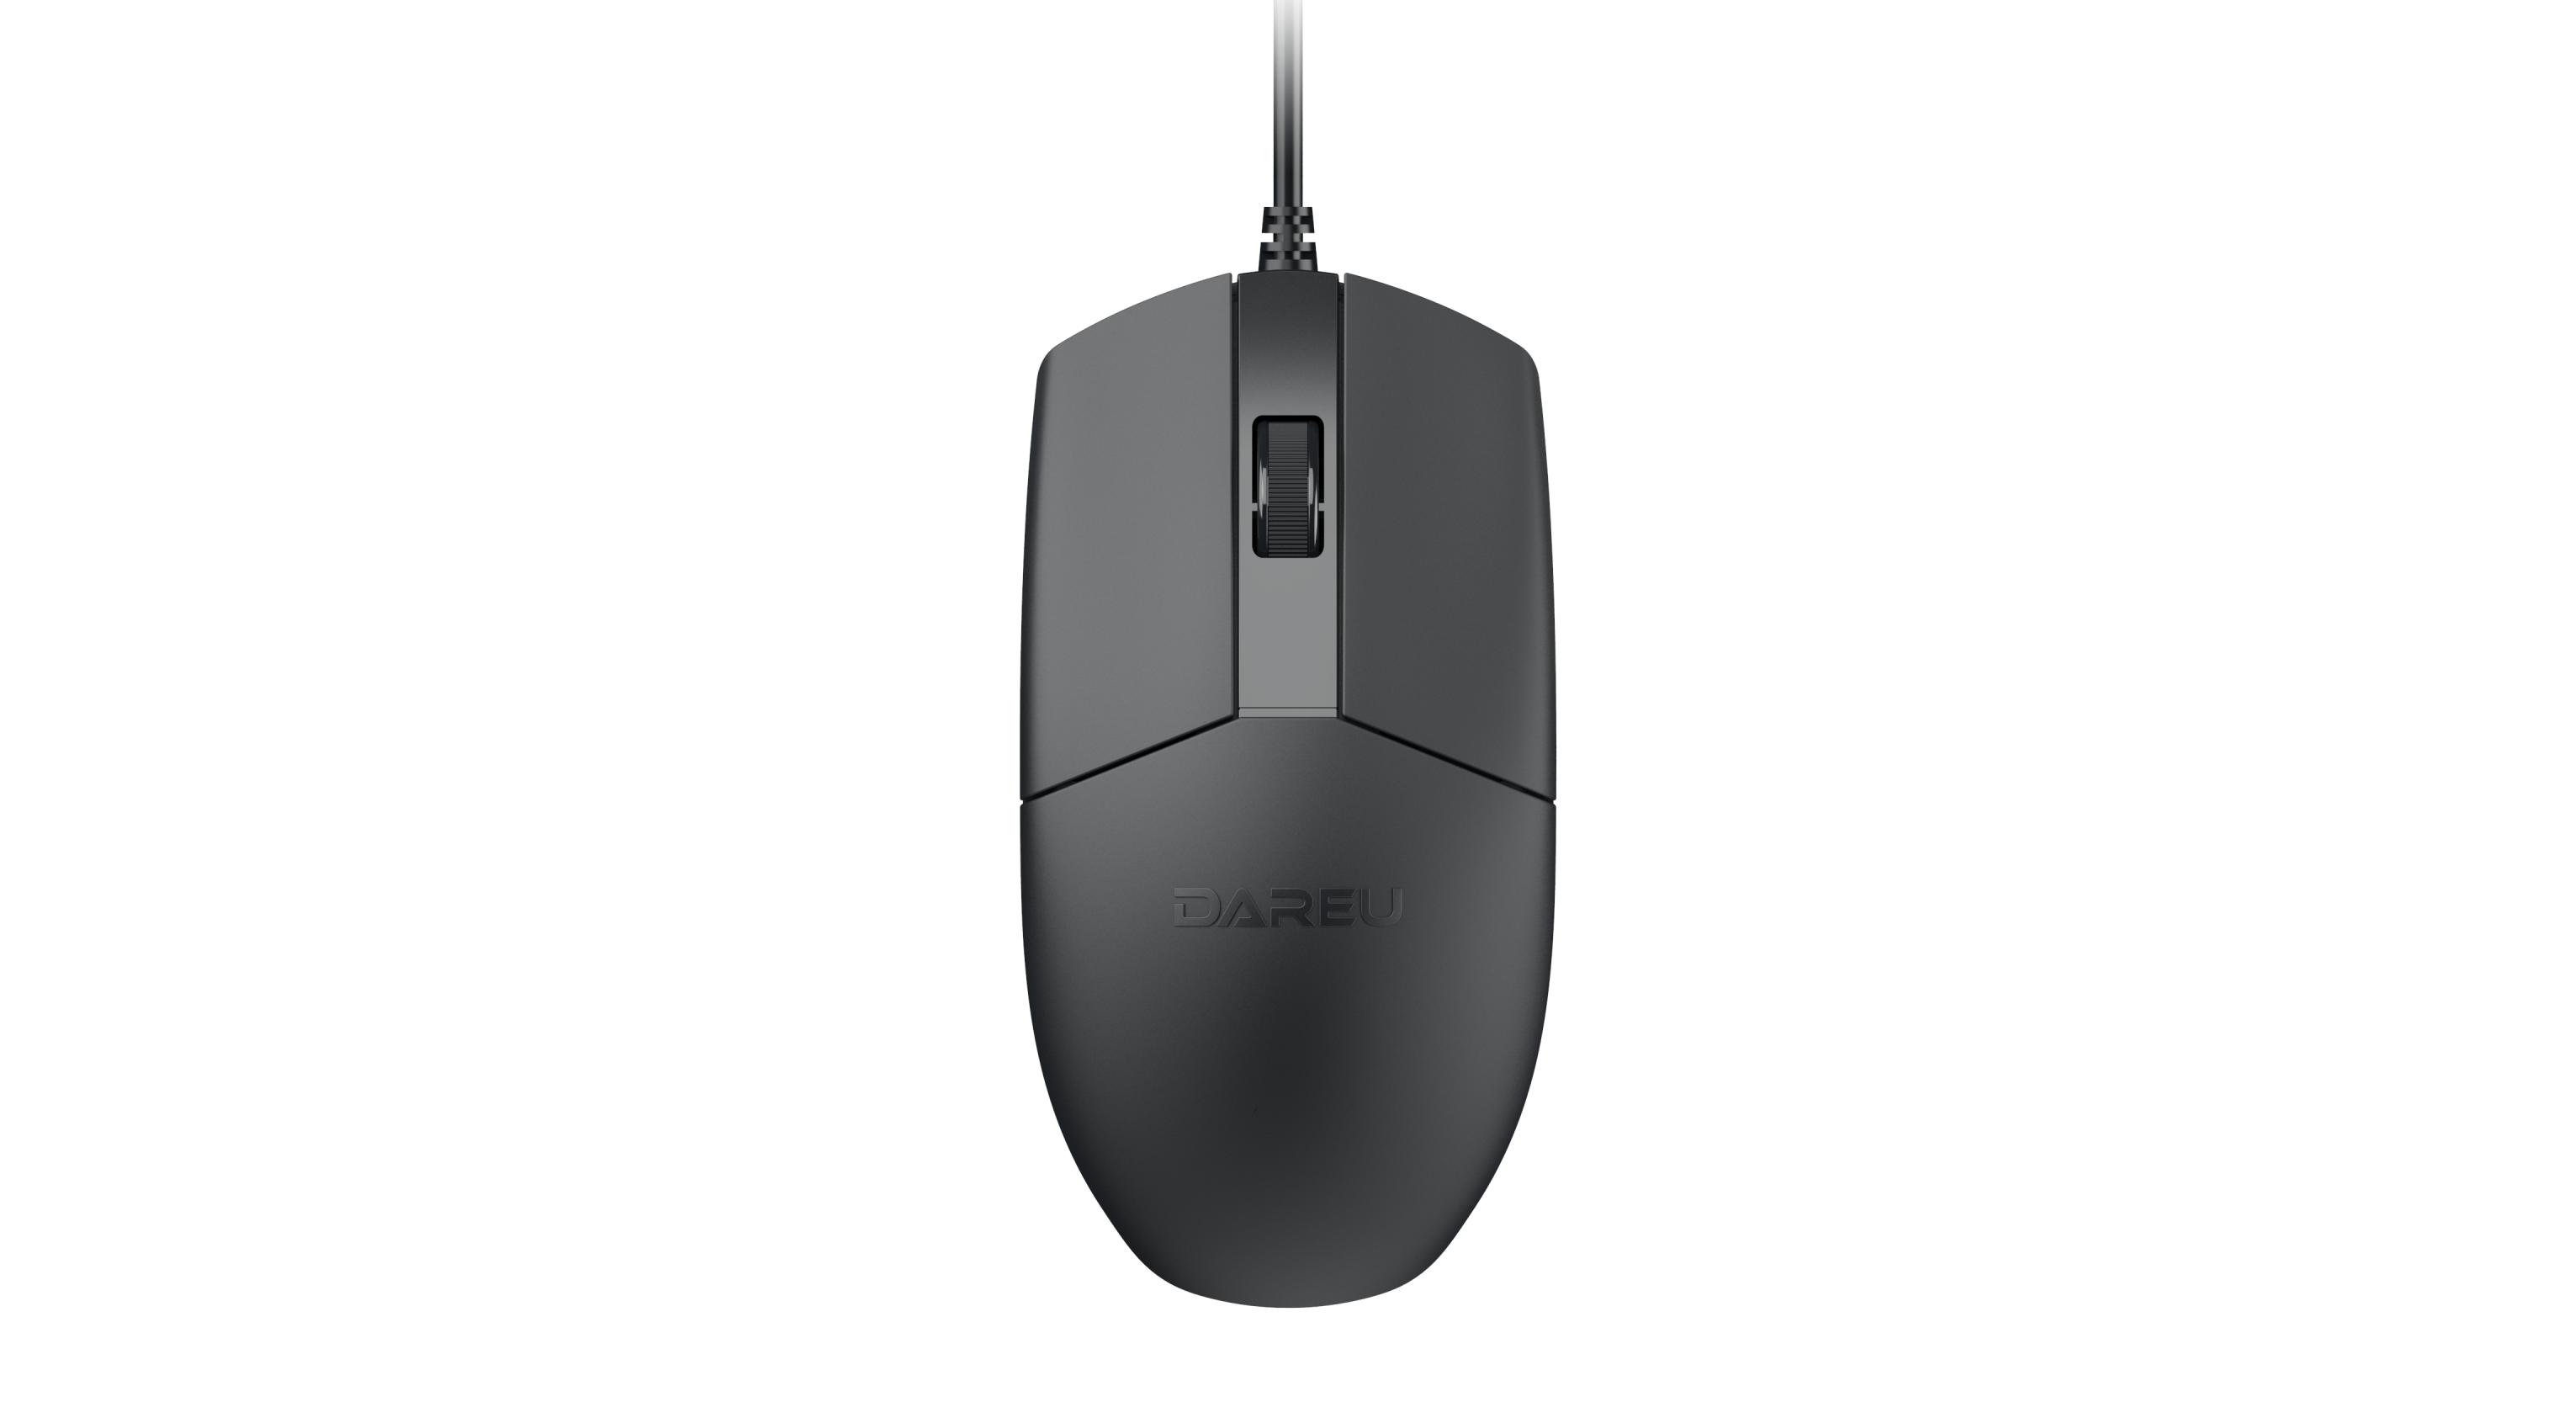 Chuột chơi game Dareu LM103 Black (USB/Đen)  có thiết kế đơn giản